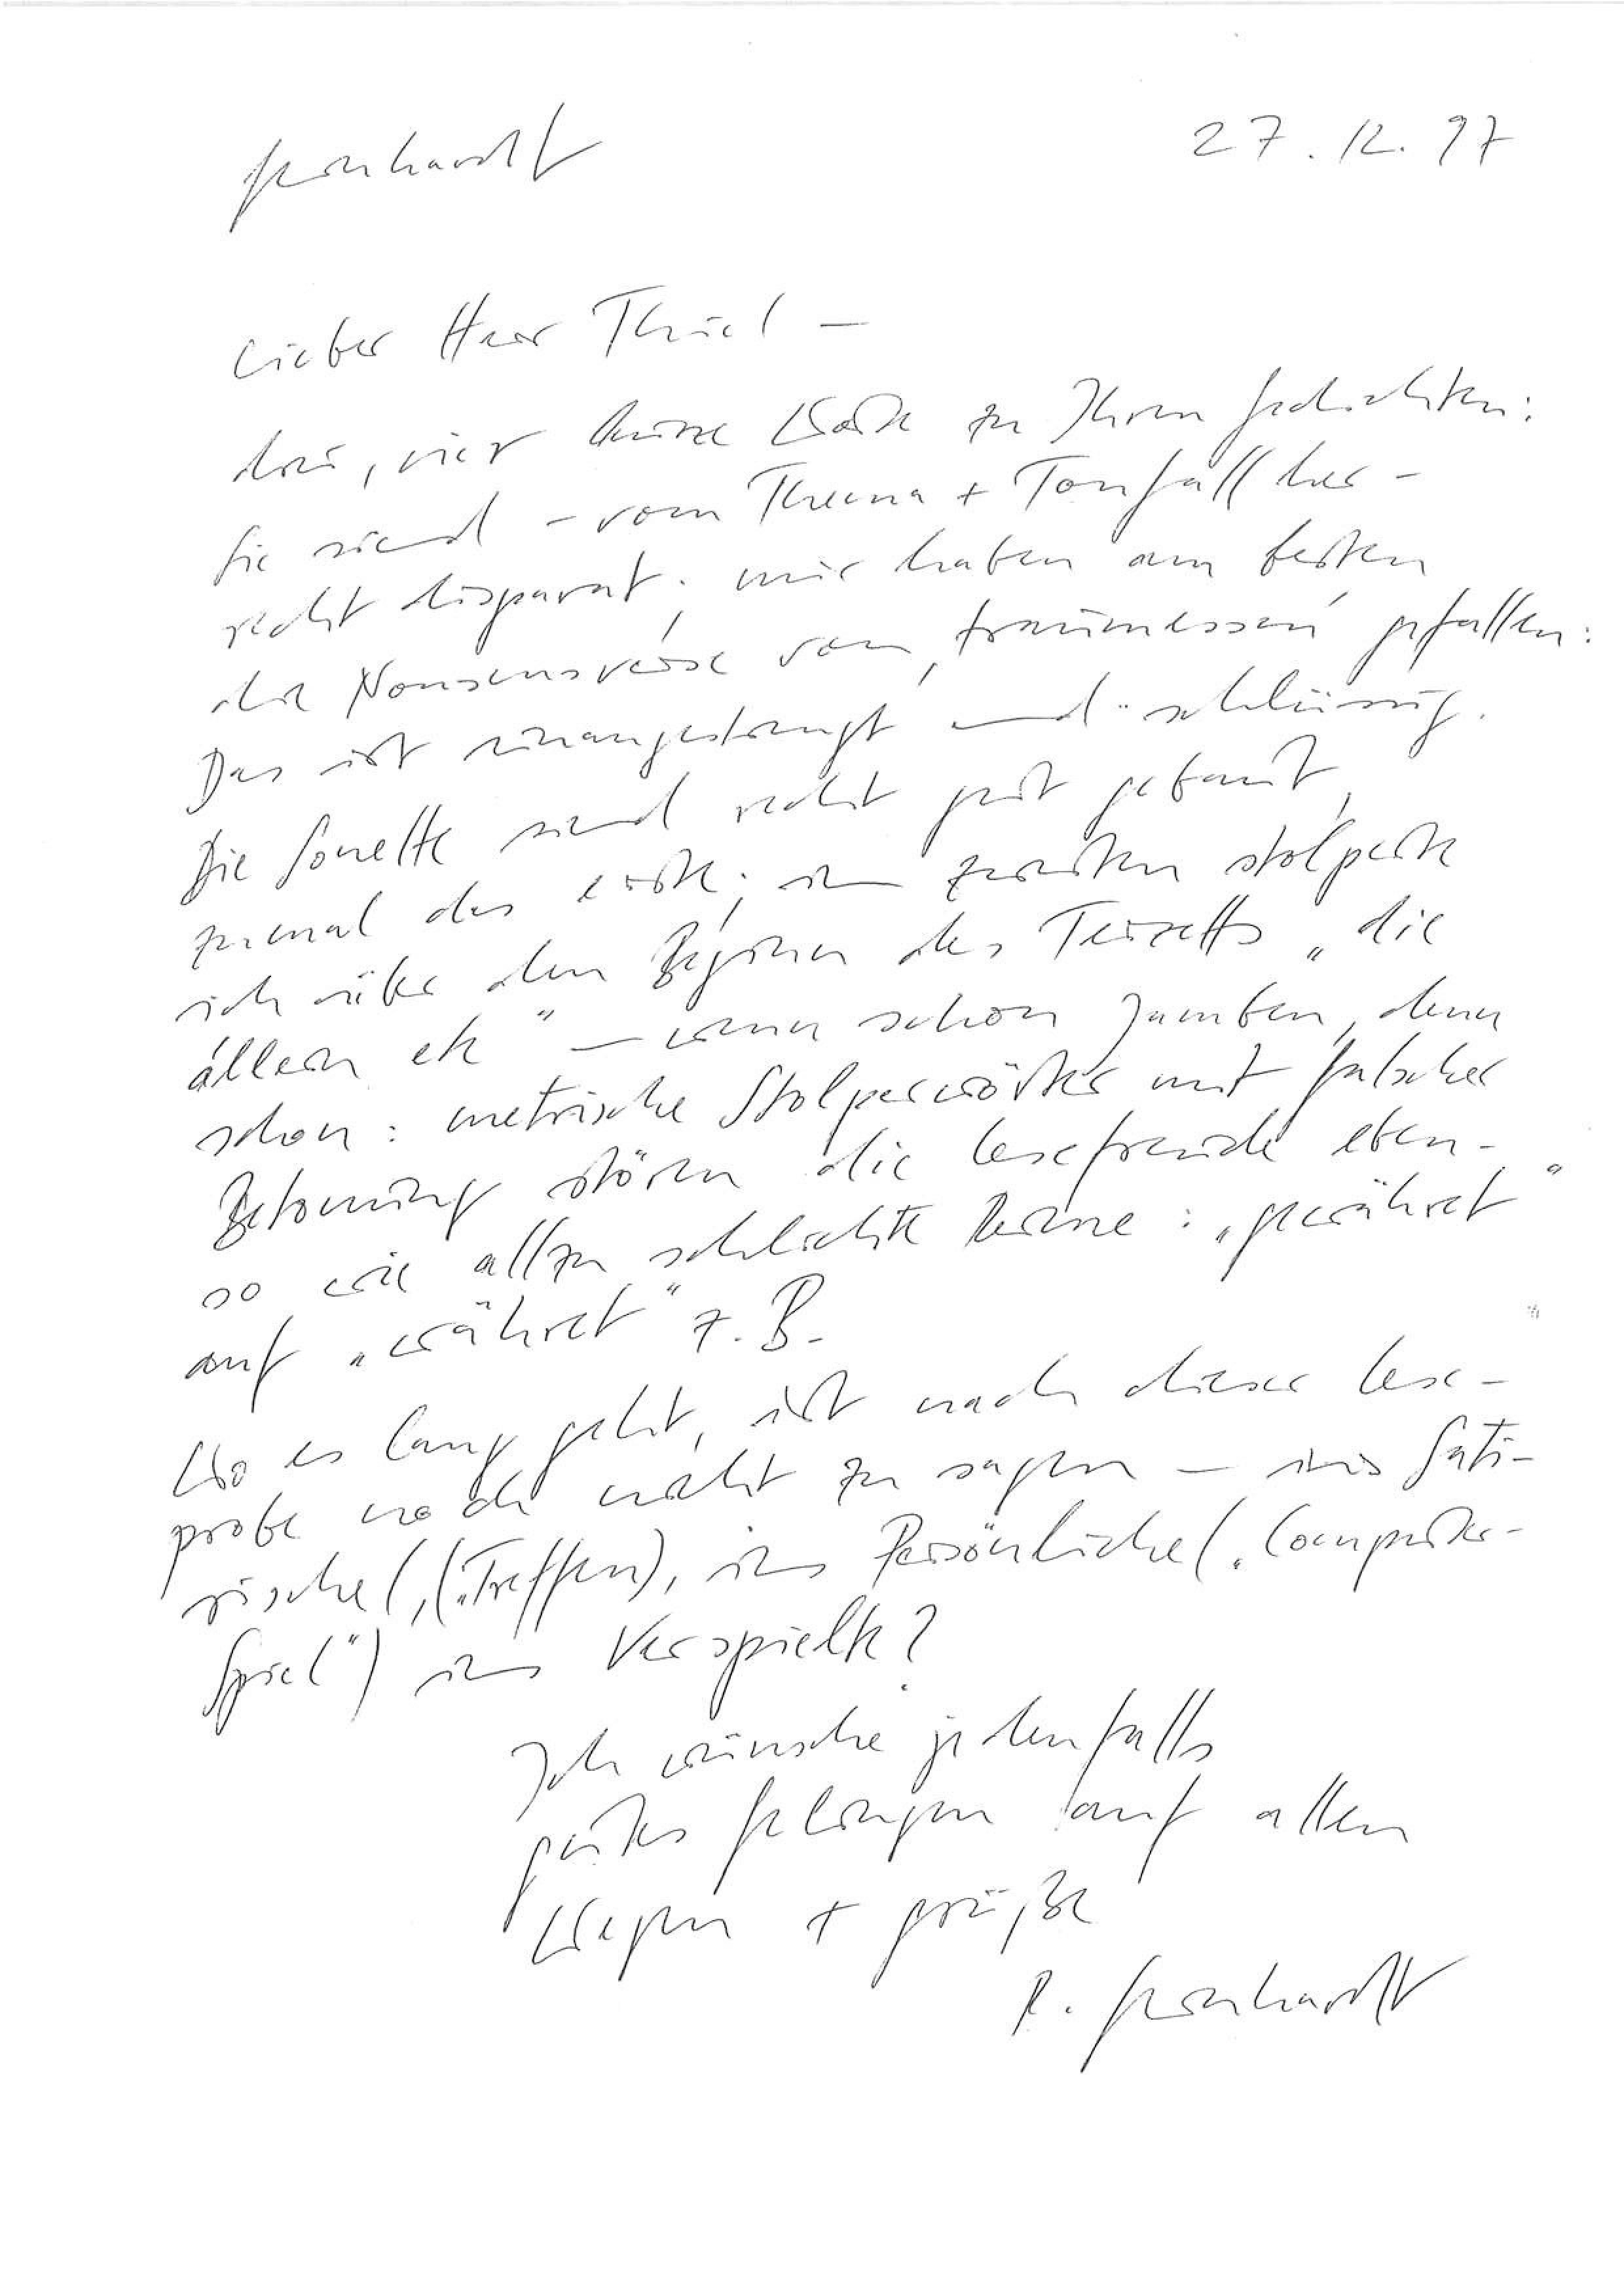 Robert_Gernhardt_Lyrische_Starthilfe_1997-12-27